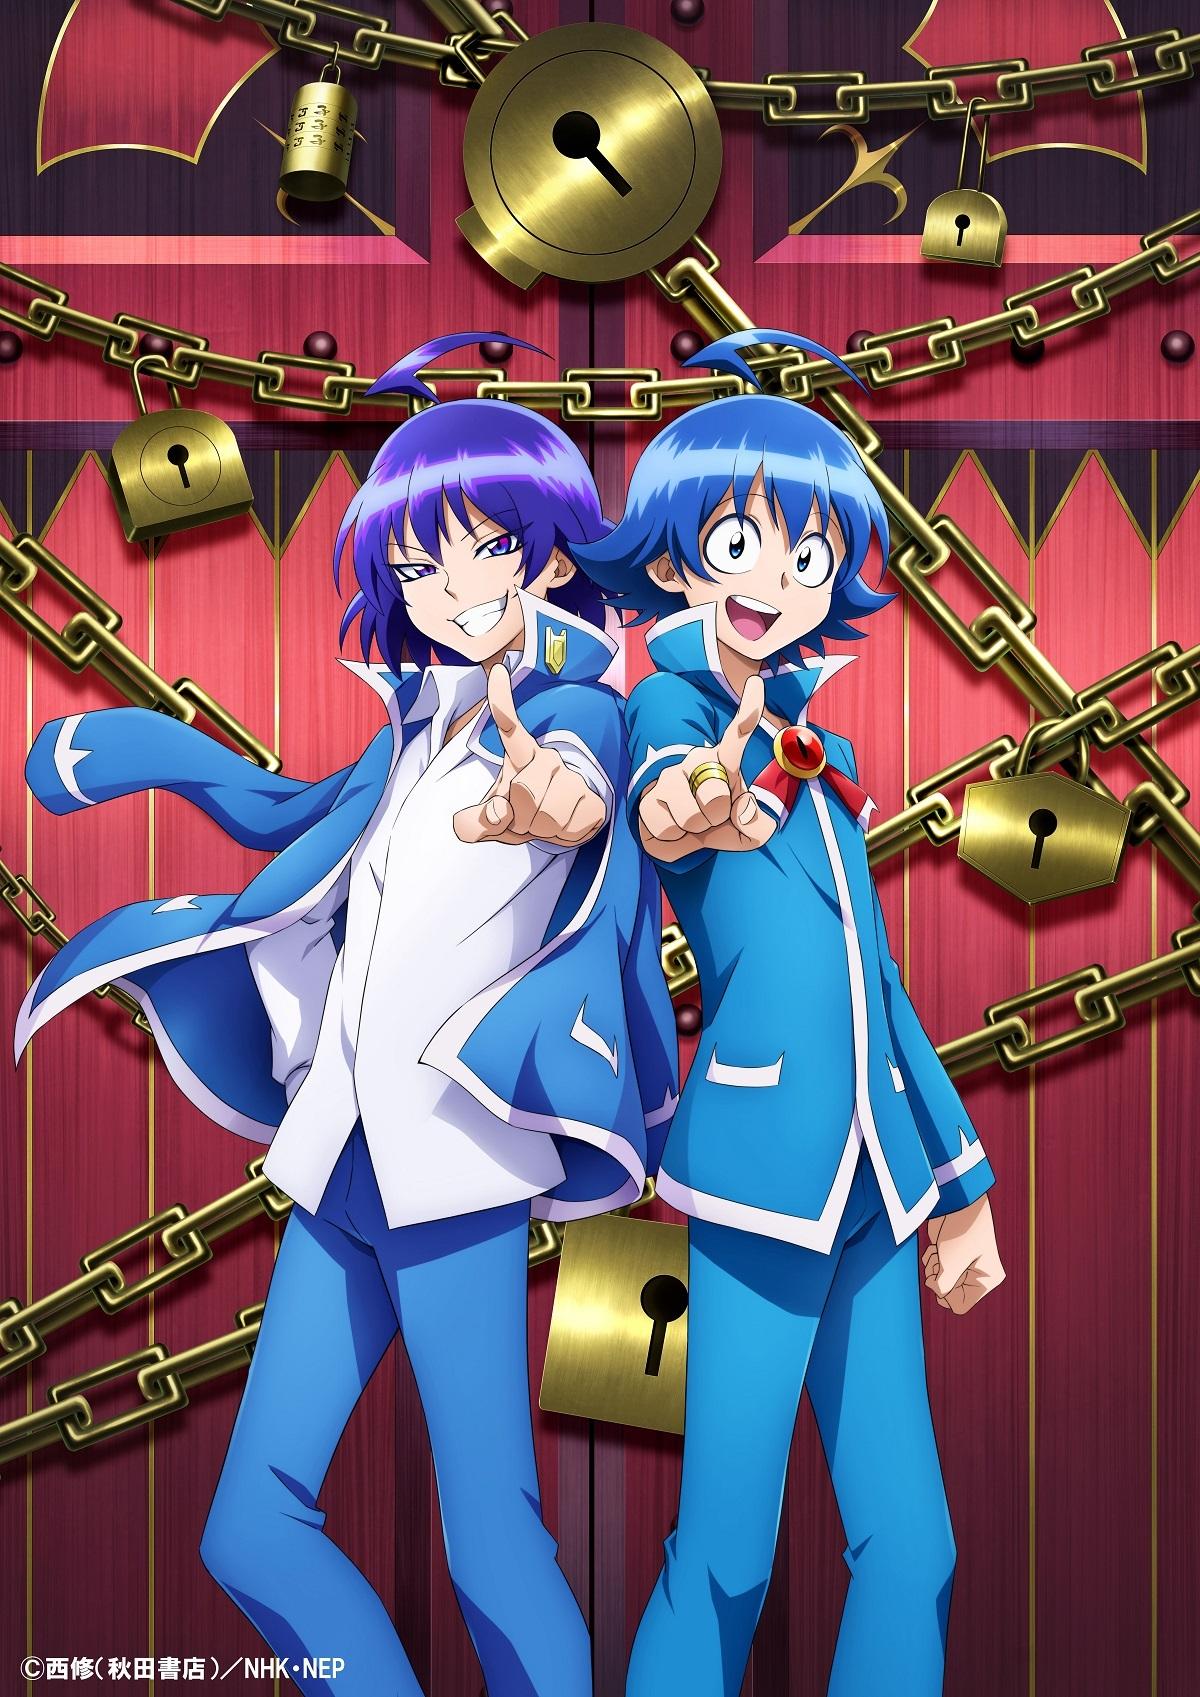 漫改动画《入间同学入魔了!》公开第二季宣传海报,将于明年播出